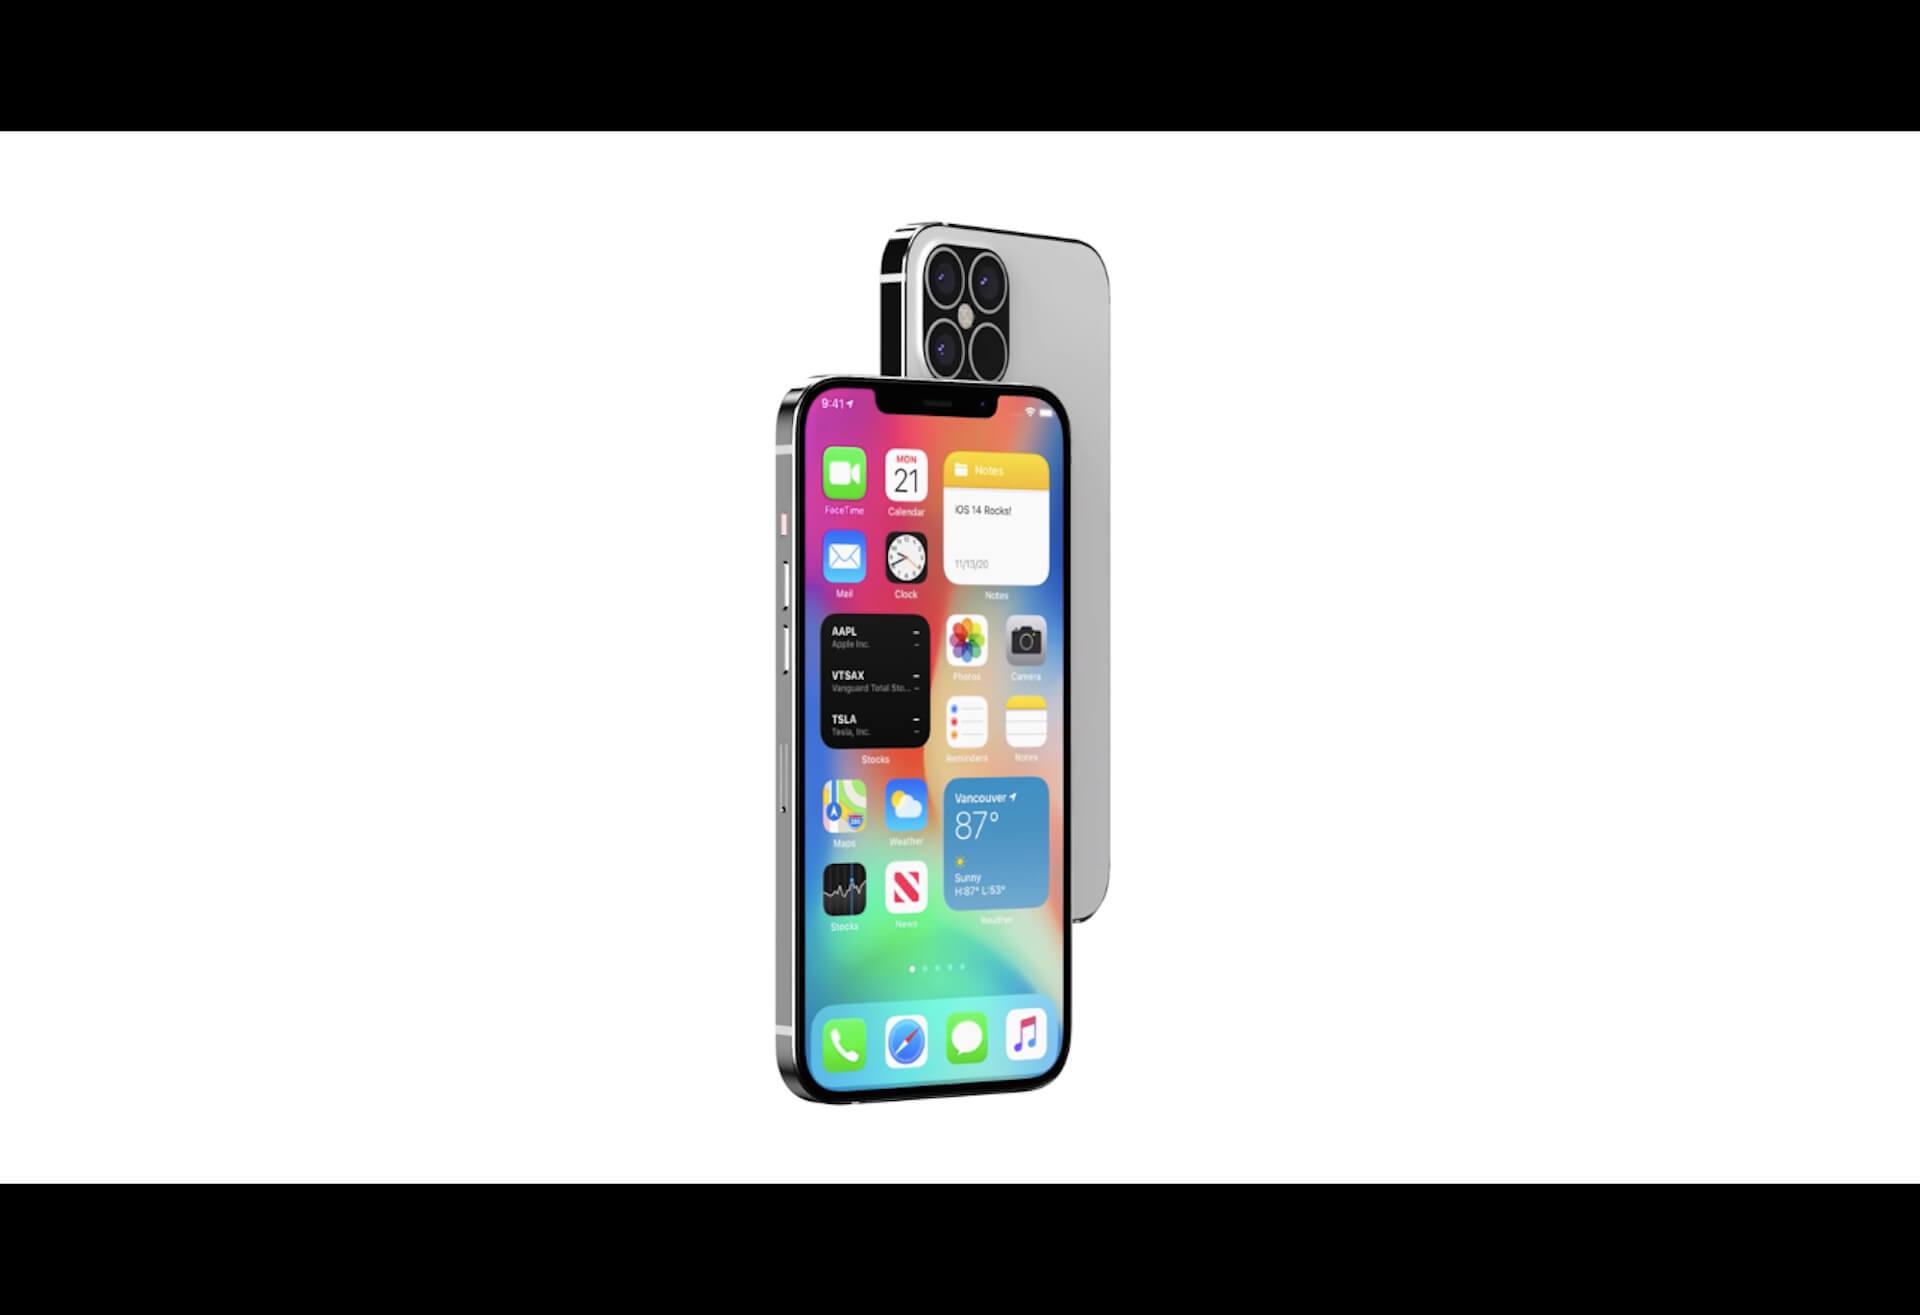 iPhone 12のノッチ部分はやはりあまり変わらず?ディスプレイユニットもリークか tech200807_iphone12_main